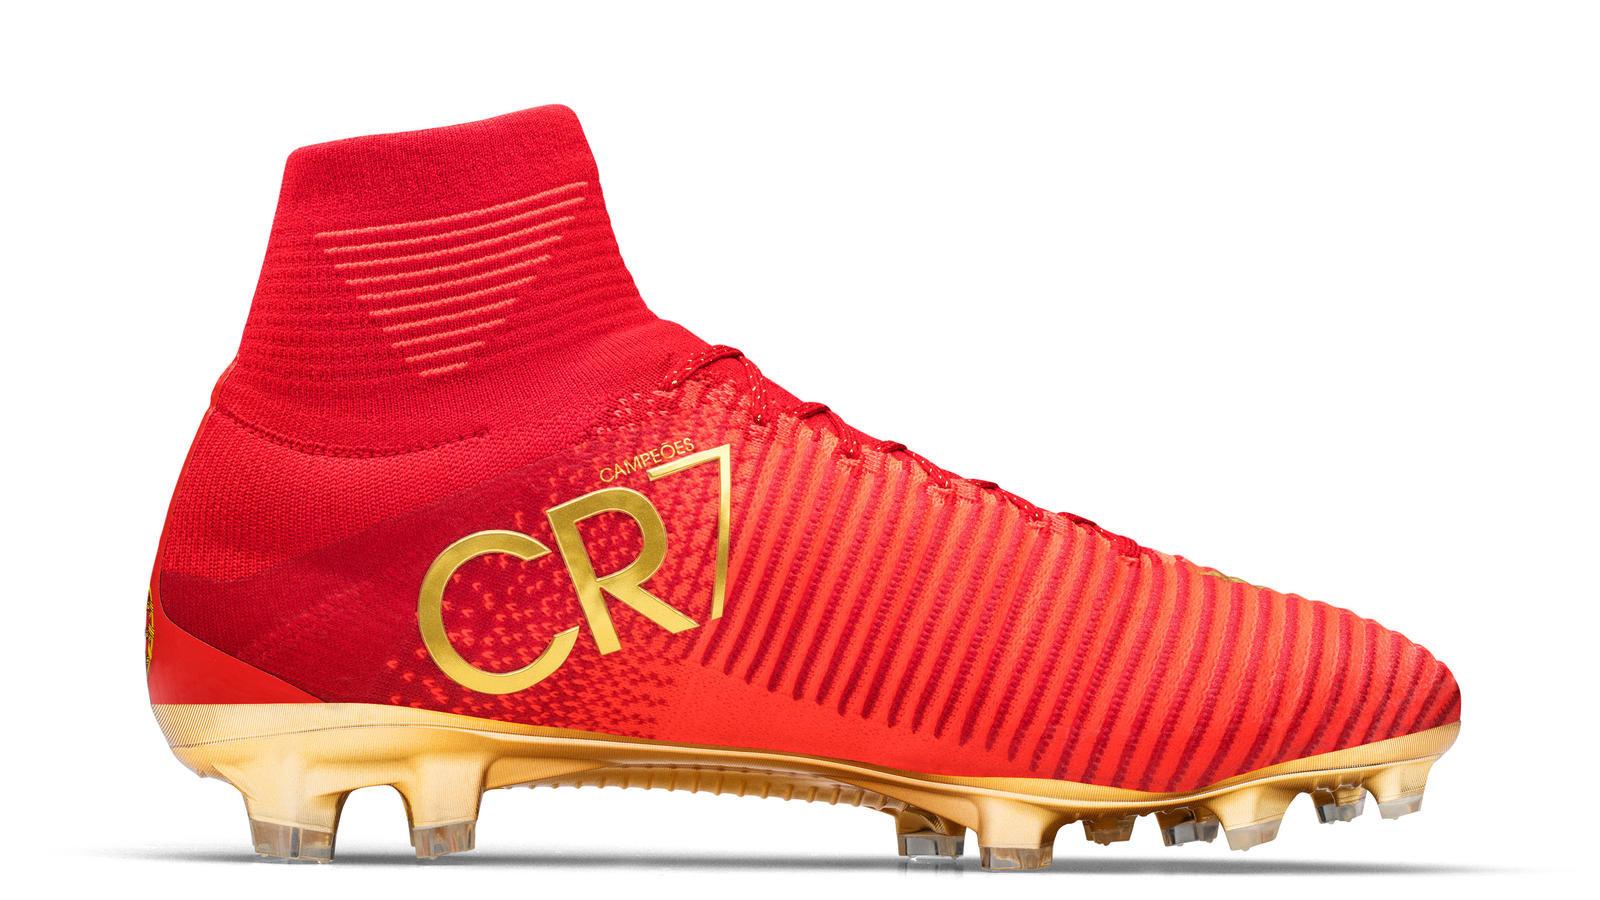 d2bc9f5009efa Estas son las nuevas botas que lucirá Cristiano Ronaldo en la Copa ...